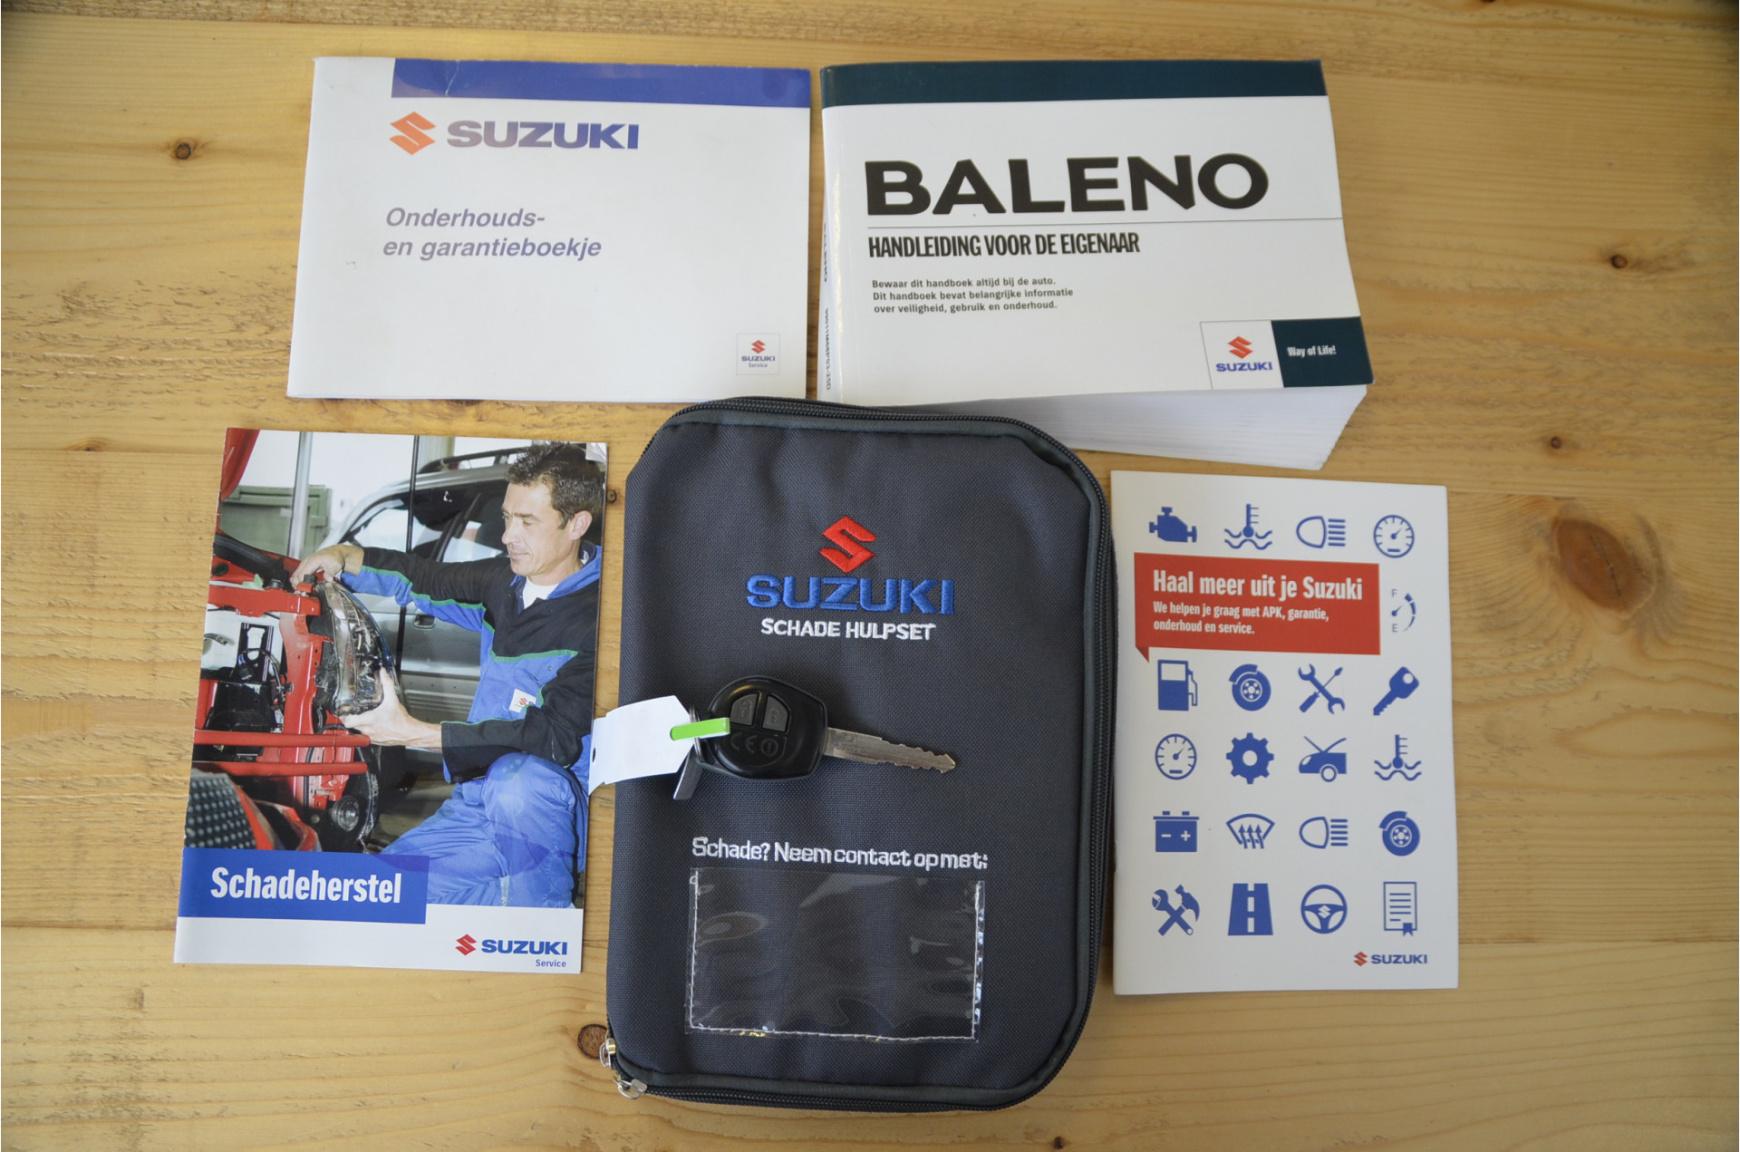 Suzuki-Baleno-21